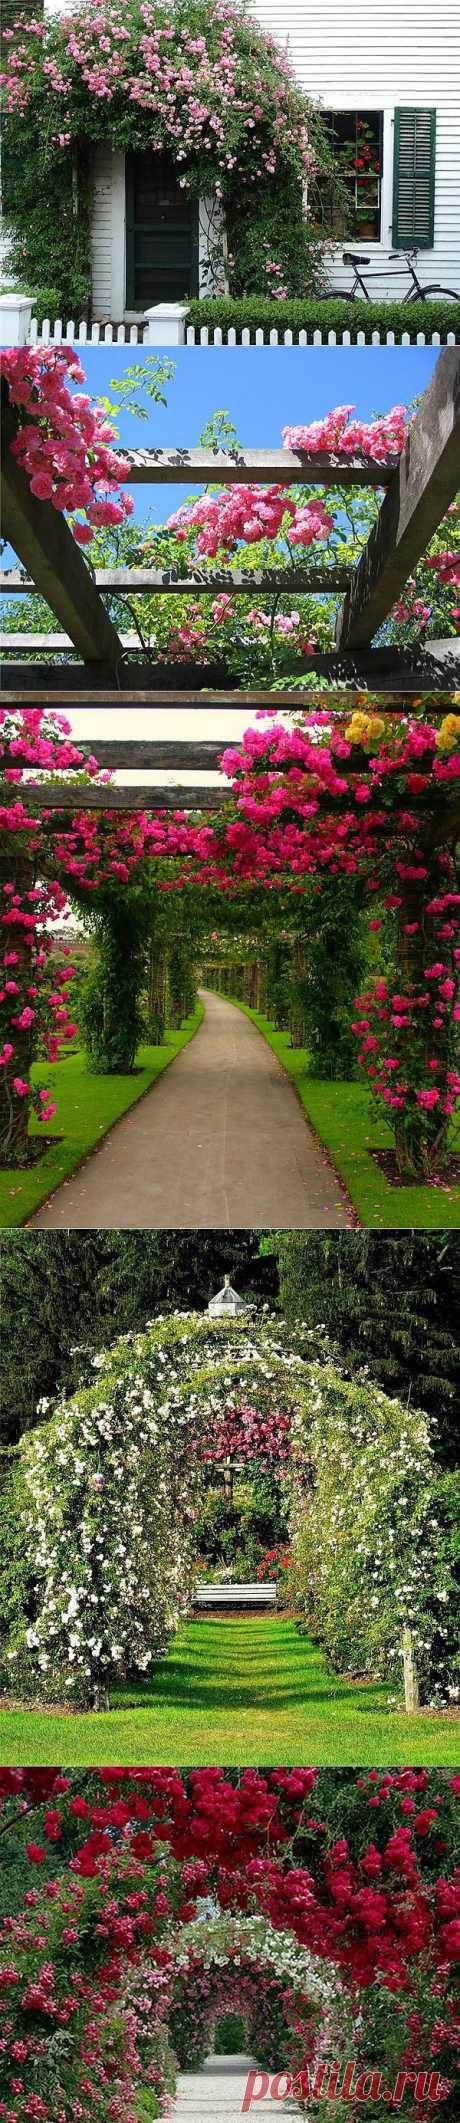 Вьющиеся розы – цветы, которые украсят ваш дом